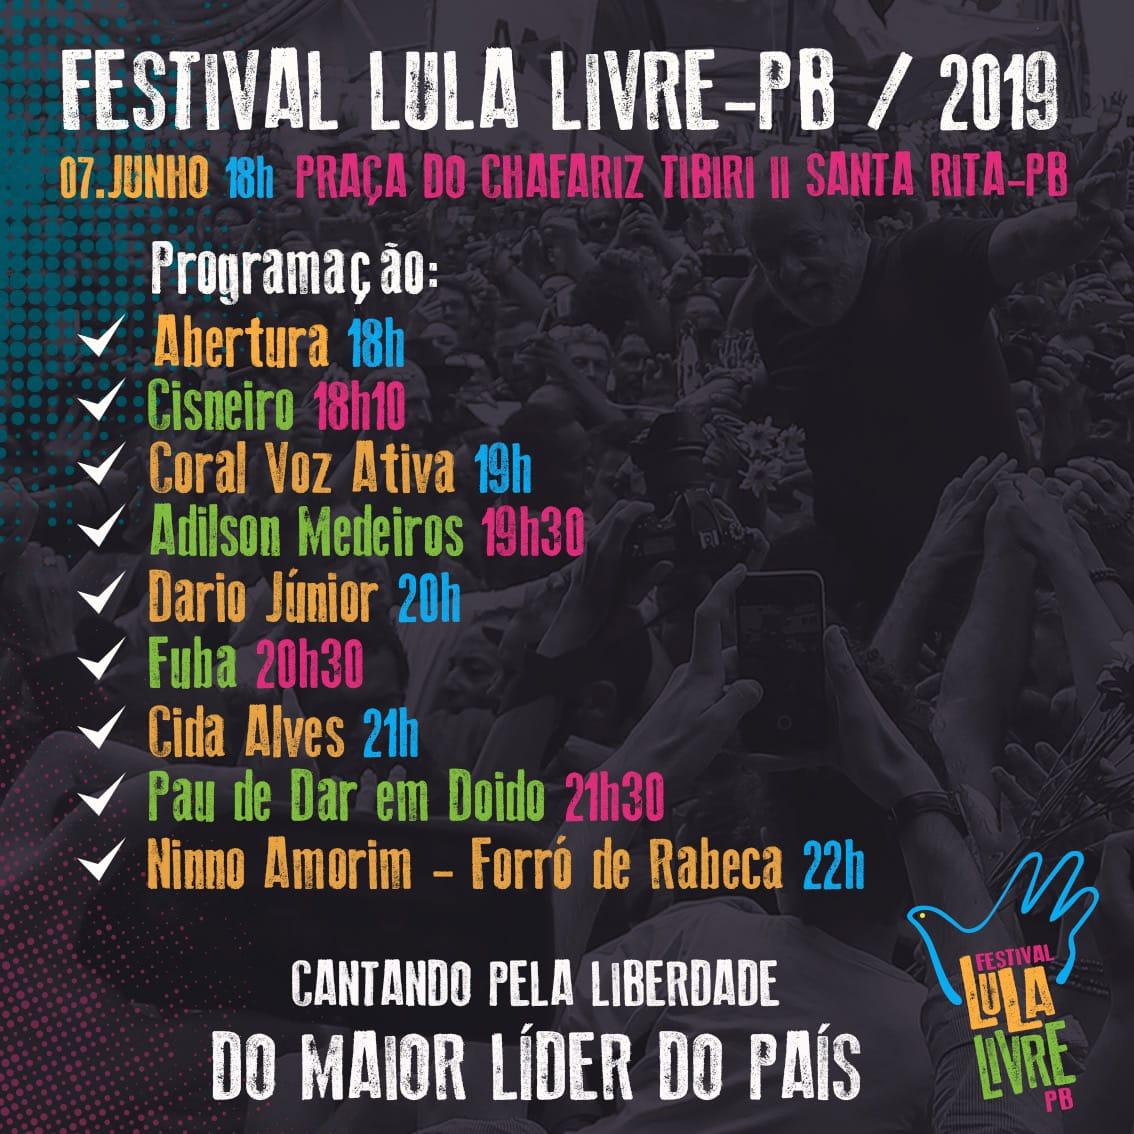 Evento do Comitê Lula Livre - Créditos: Card